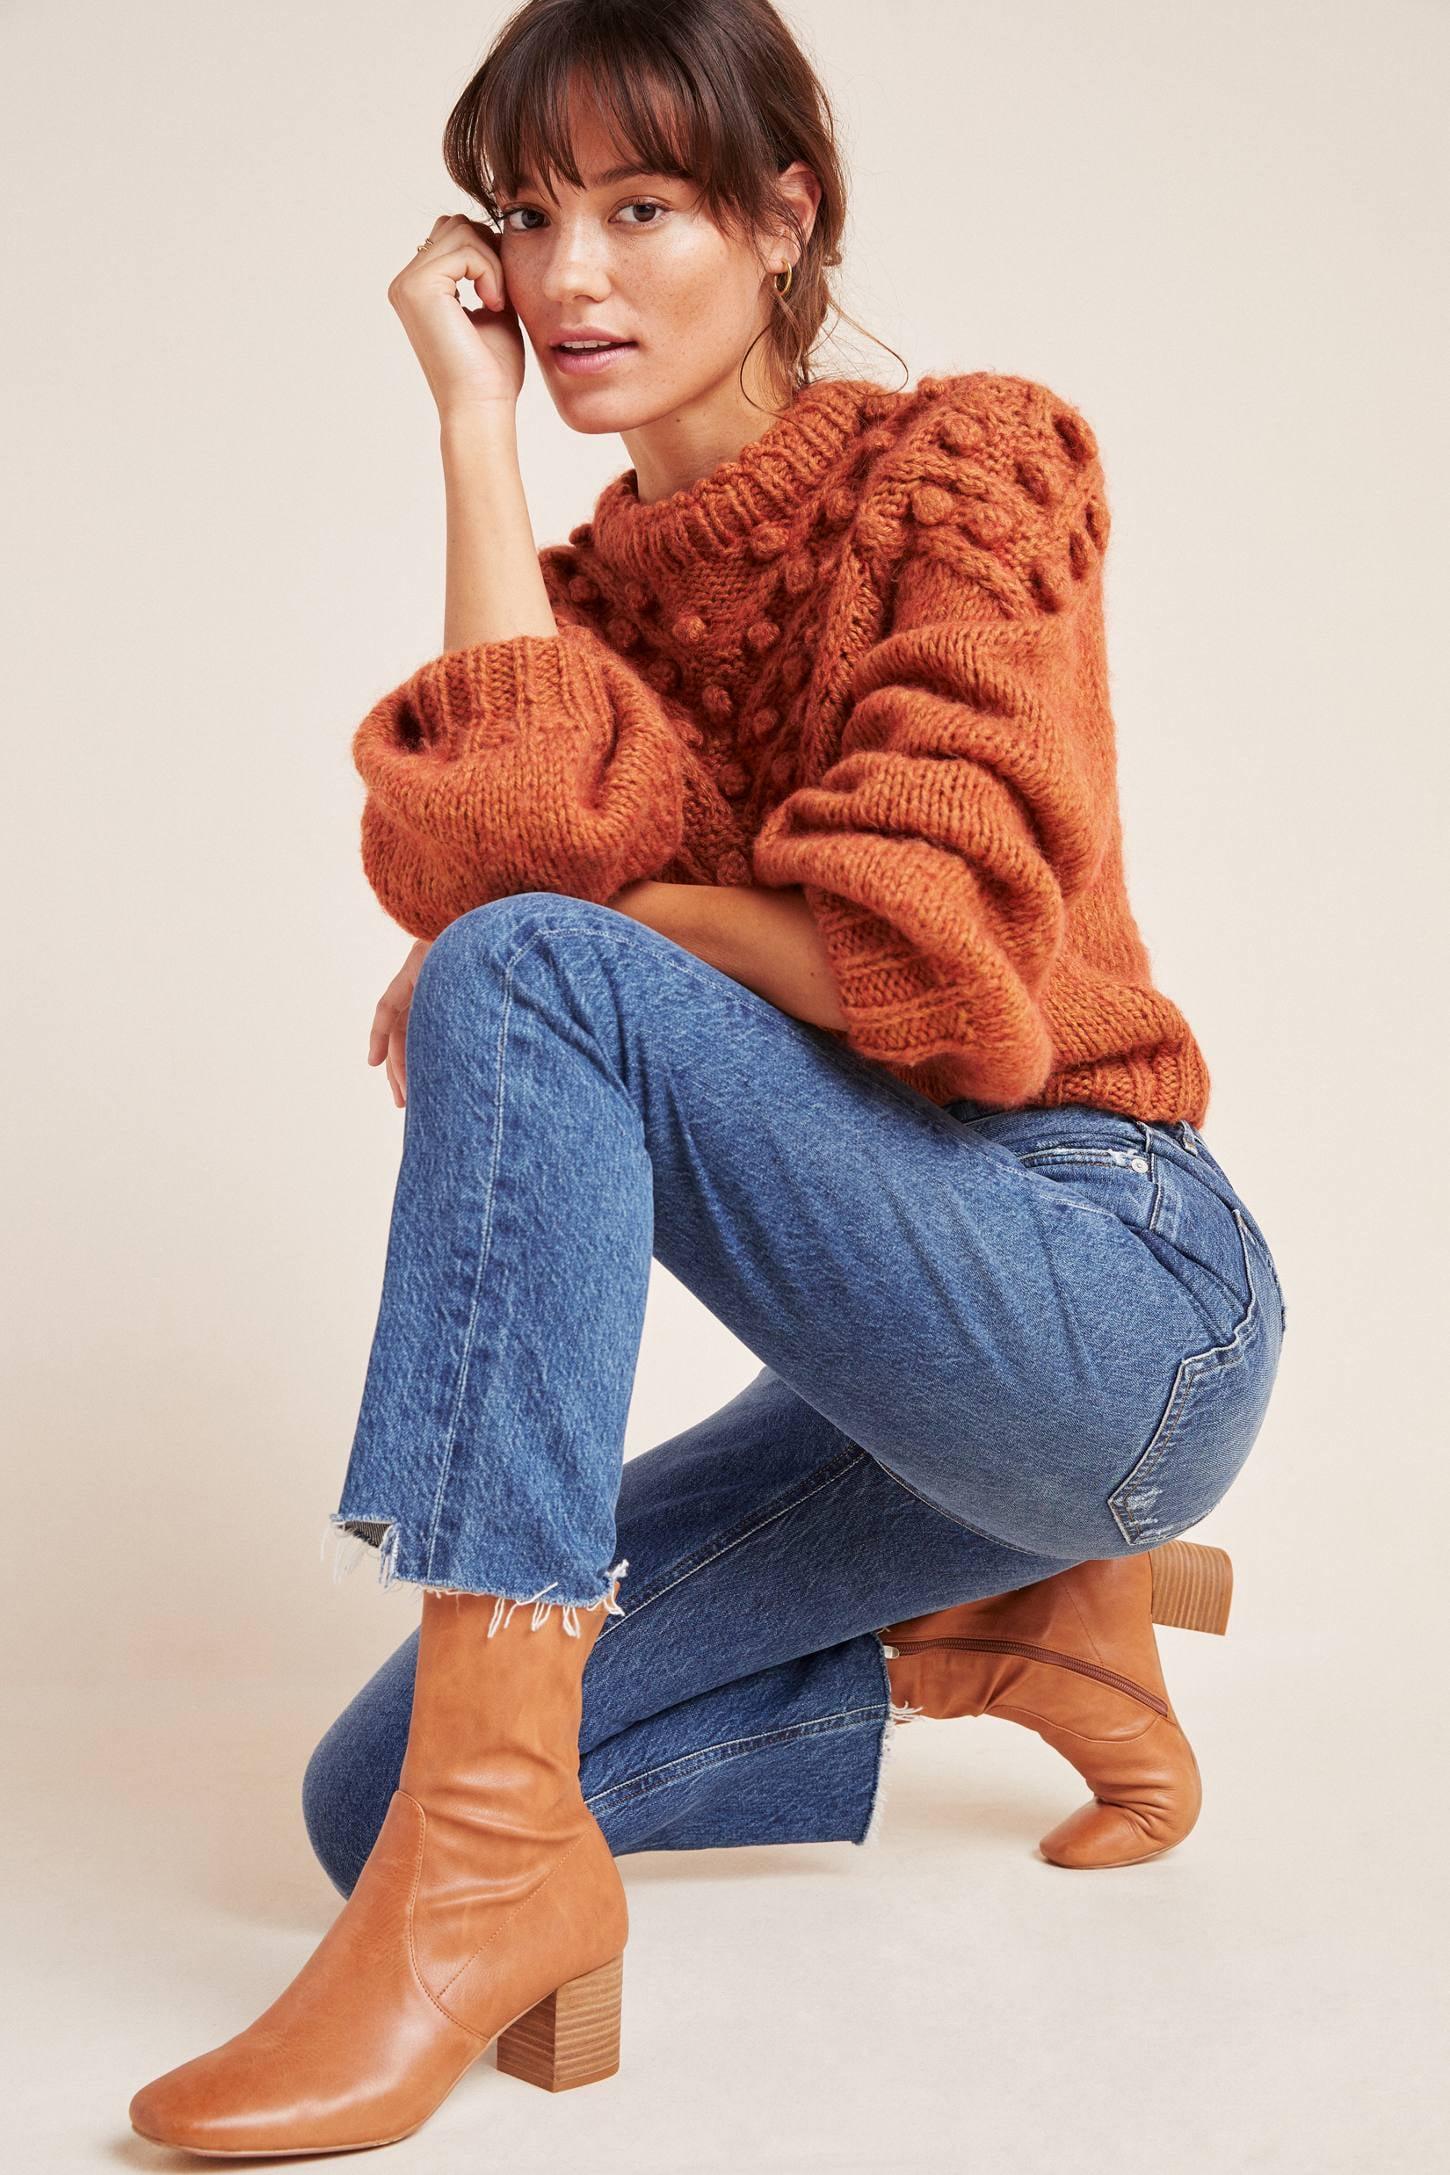 womens wide dress boots